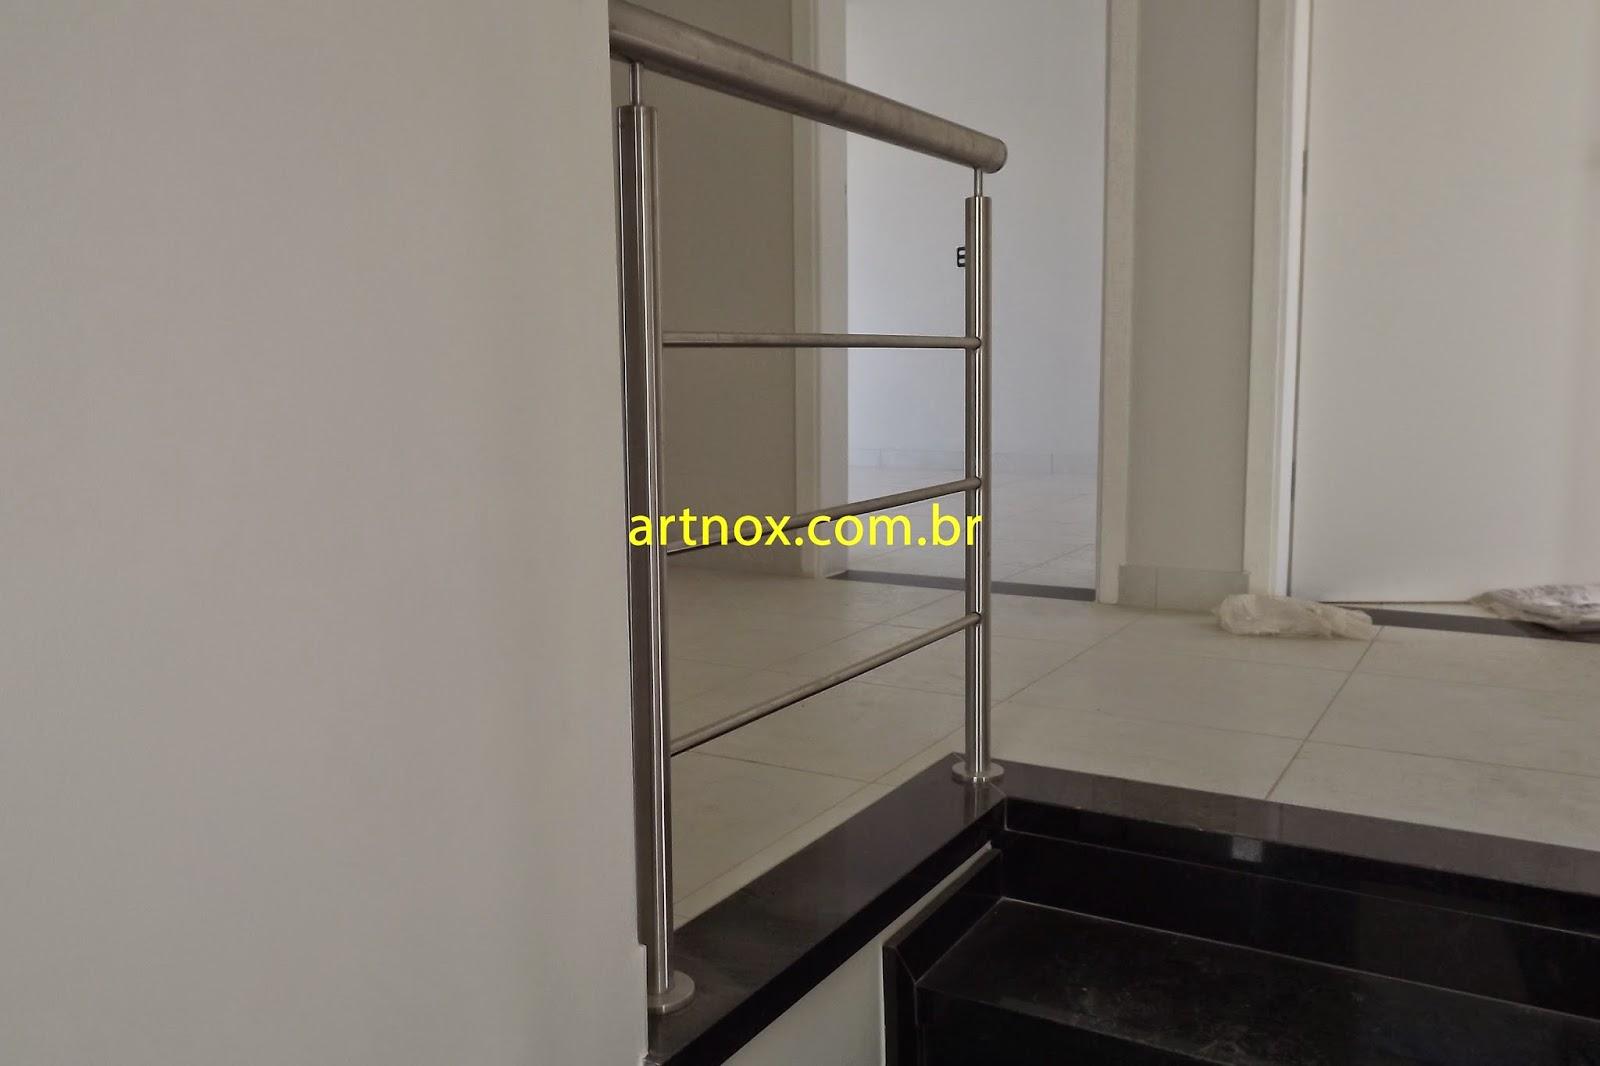 #AEAD1D  Guarda corpo em aço inox 304 escovado 3 tubinhos Guarulhos São Paulo 4376 Janela Aluminio Guarulhos